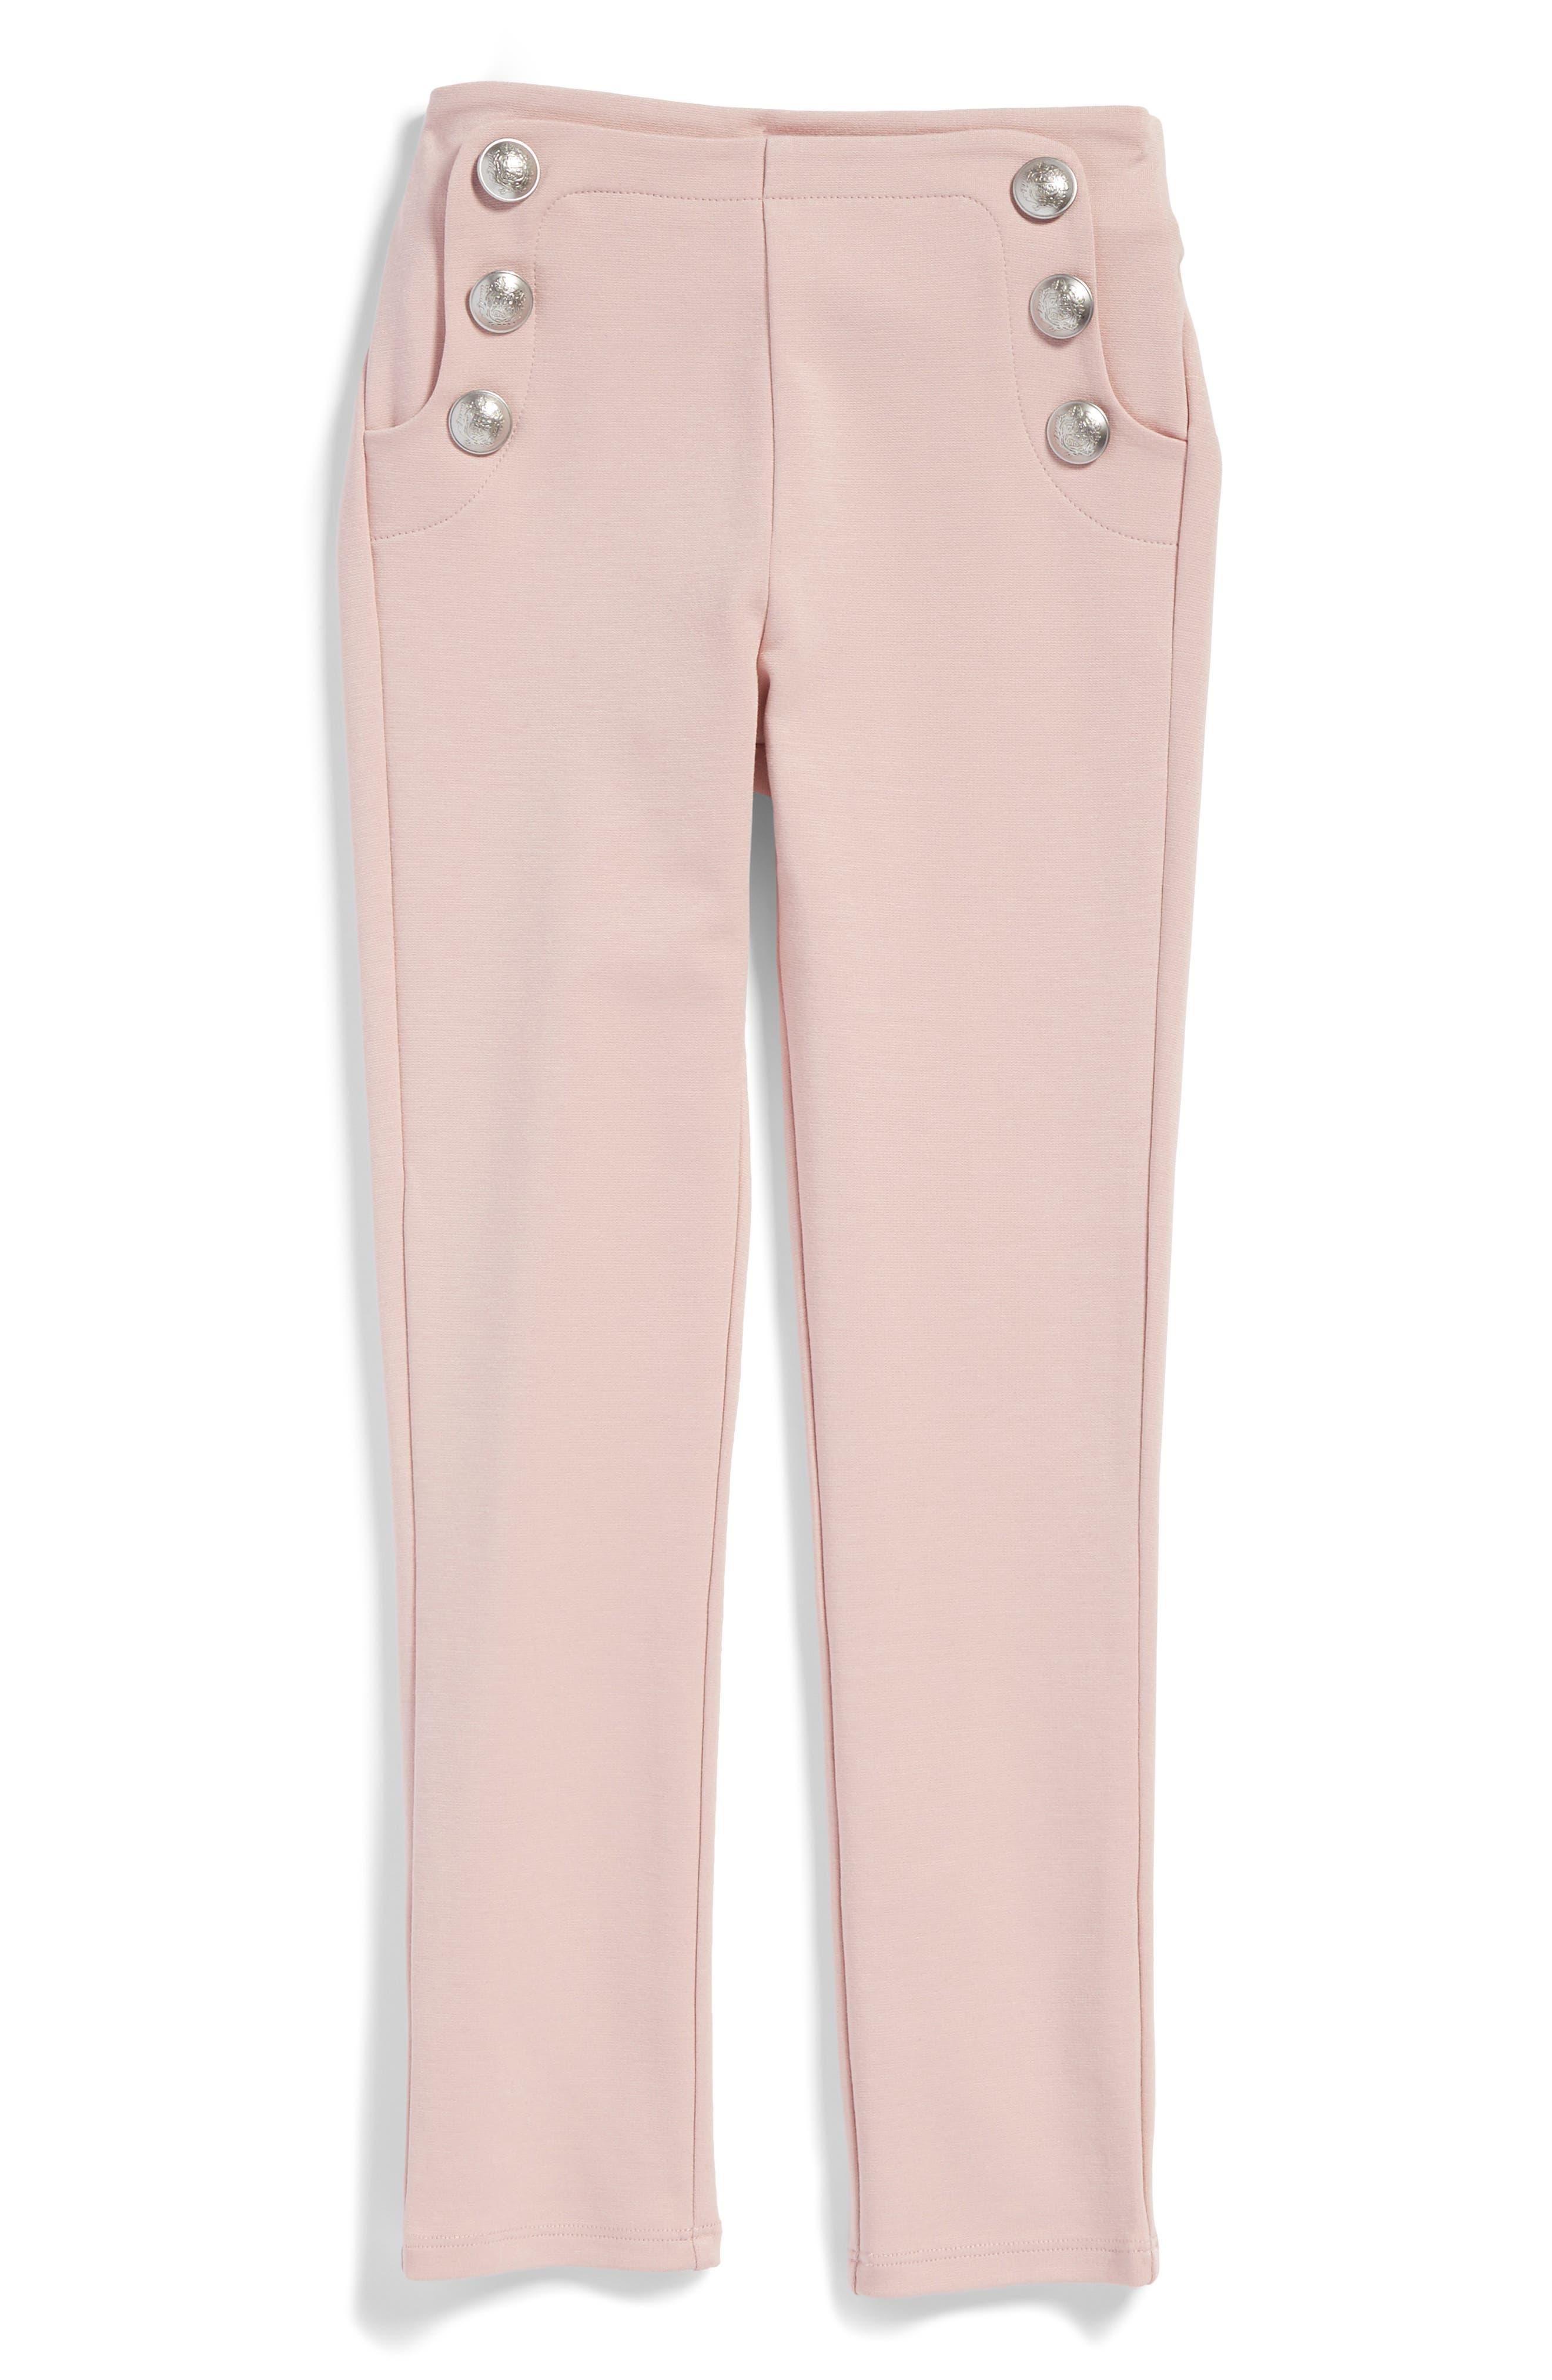 Main Image - Bardot Junior Button Leggings (Little Girls)